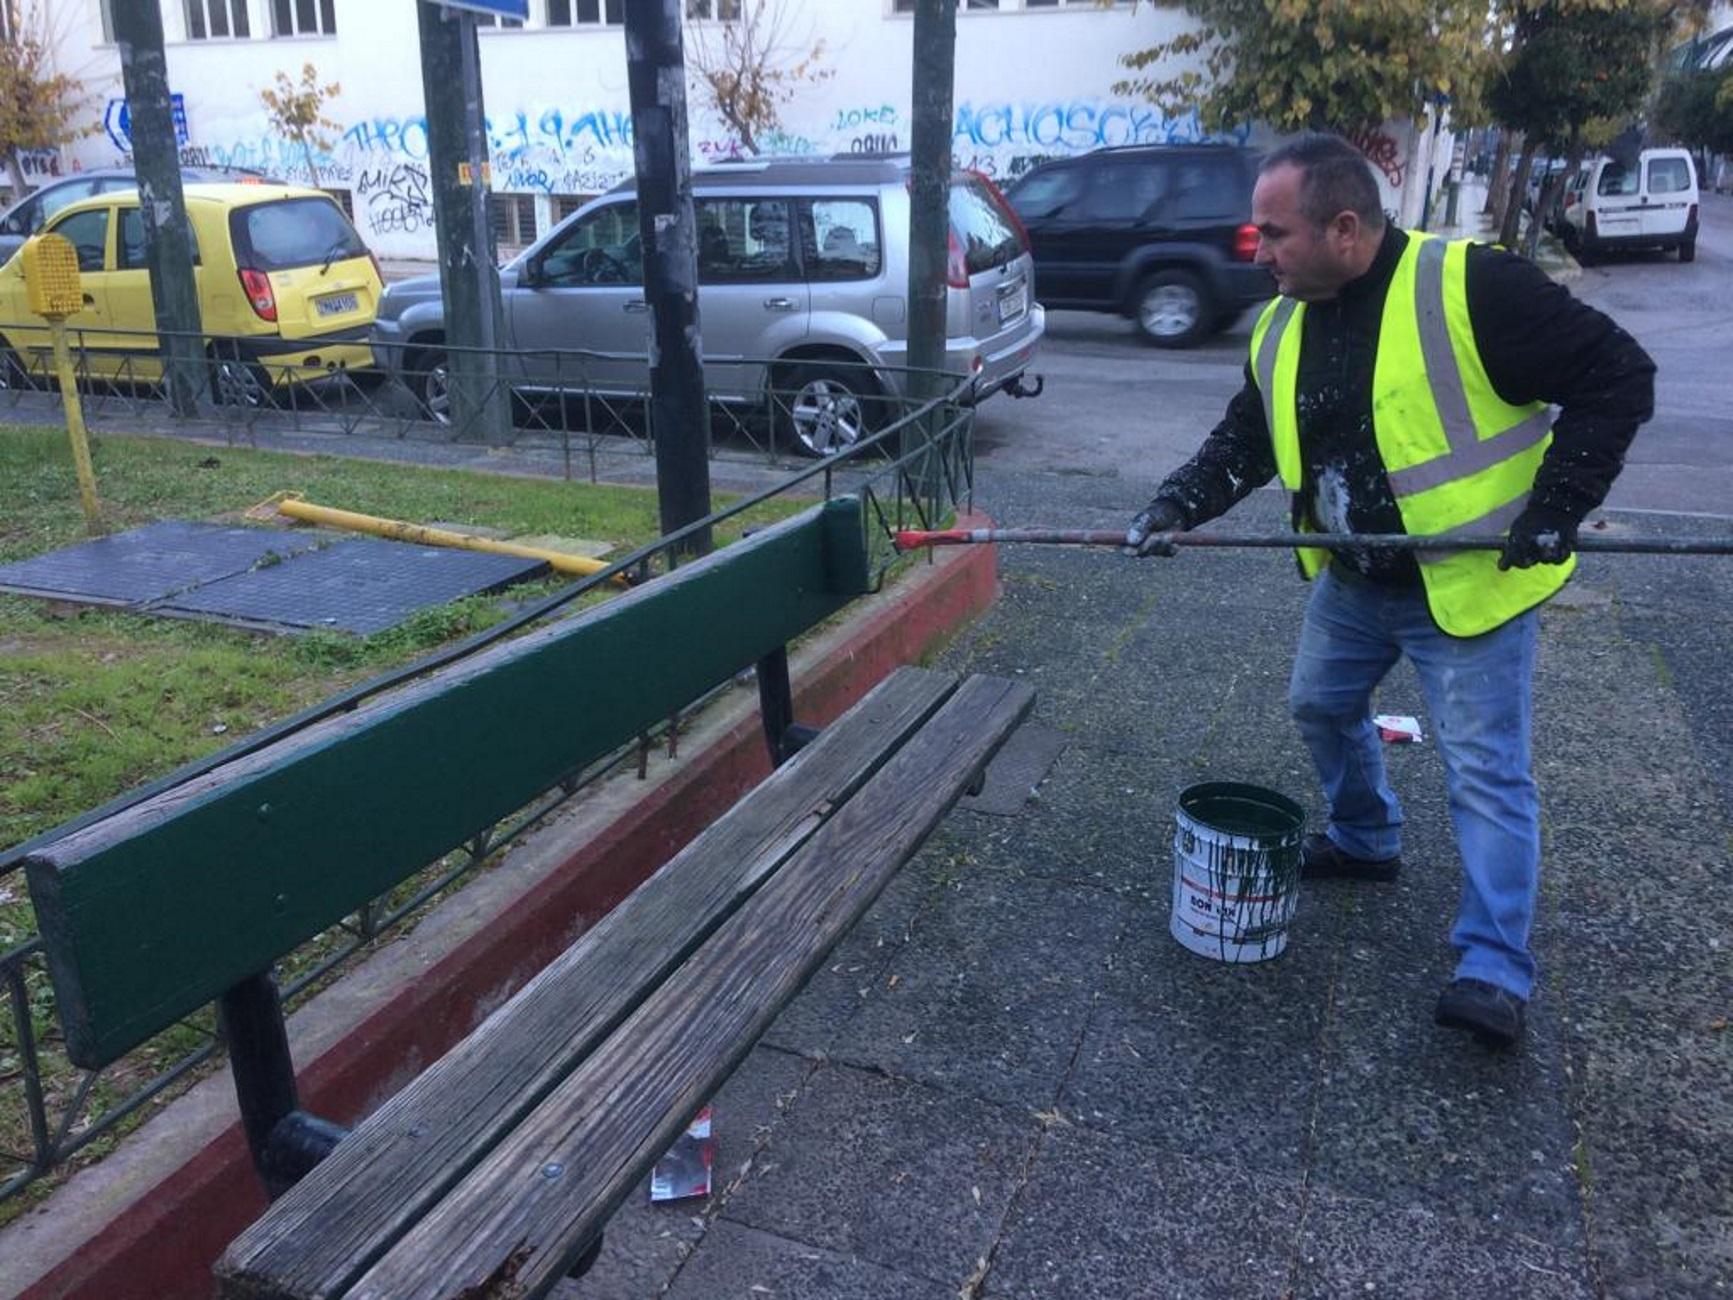 Άλλαξε όψη η πλατεία Αττικής! Εργασίες συντήρησης και γενικός καθαρισμός